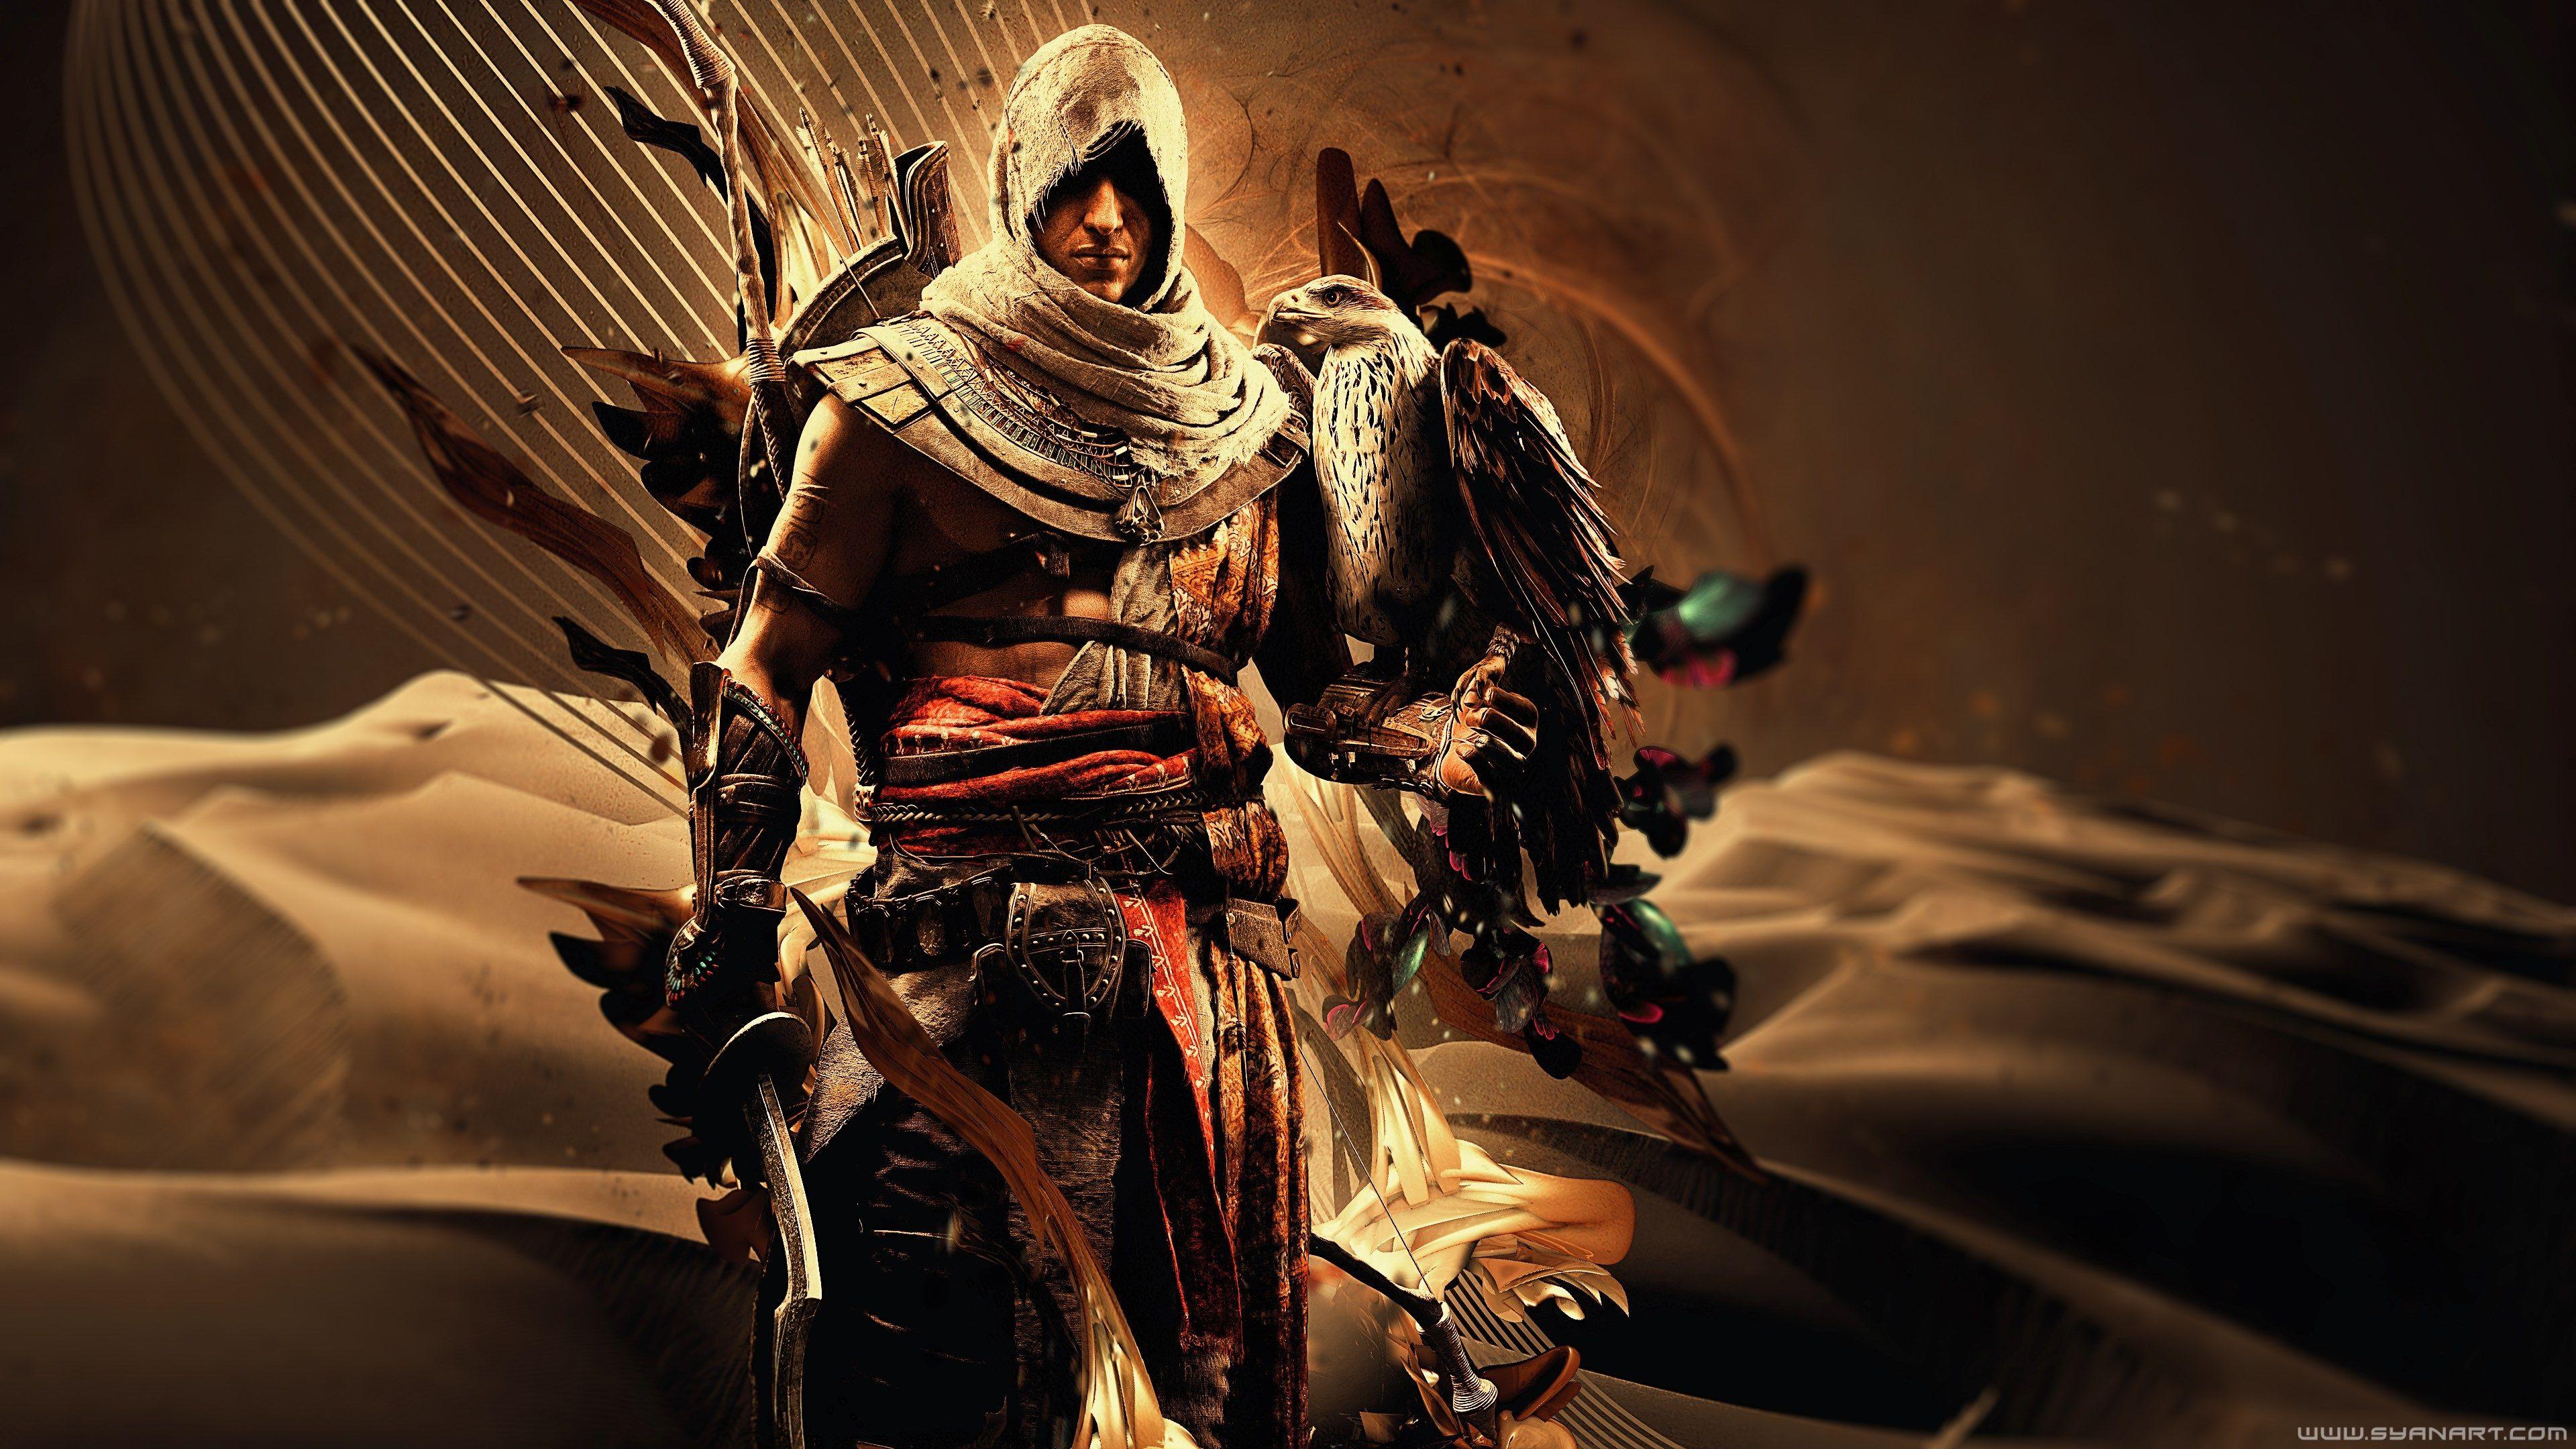 Assassins Creed Odyssey Desktop Wallpaper Wallpaper Site